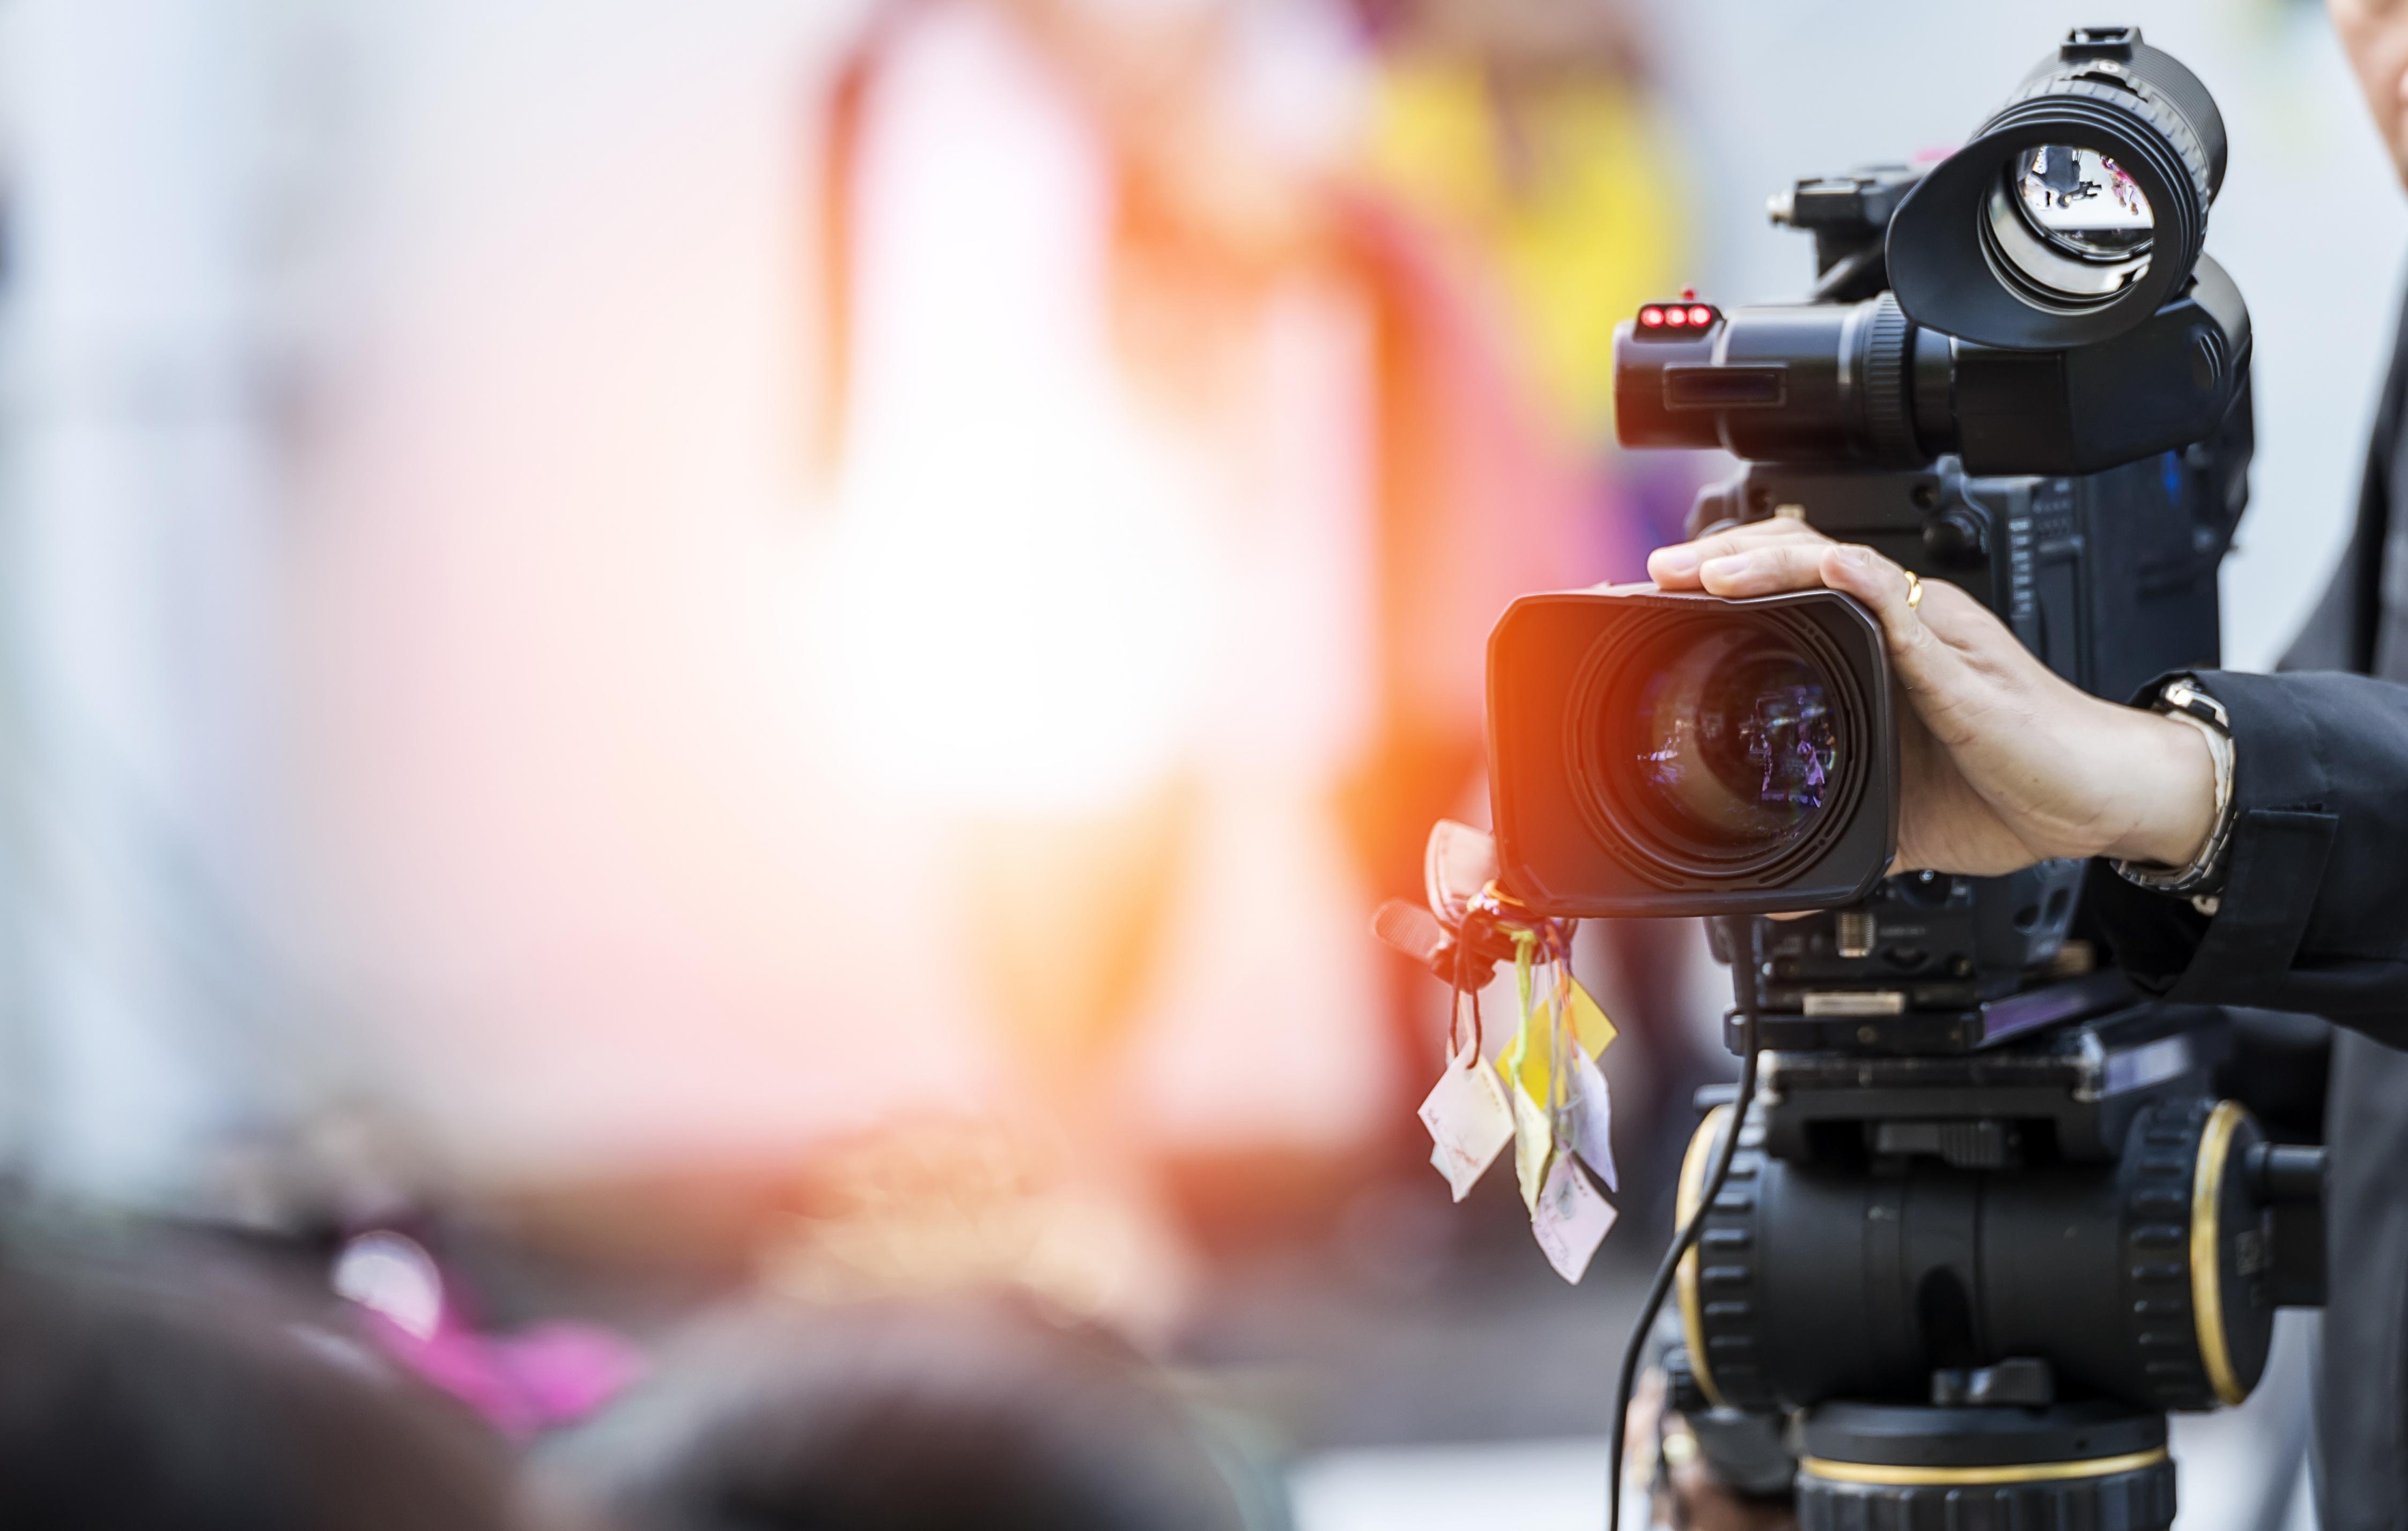 Video fearless motivation motivational videos & music.